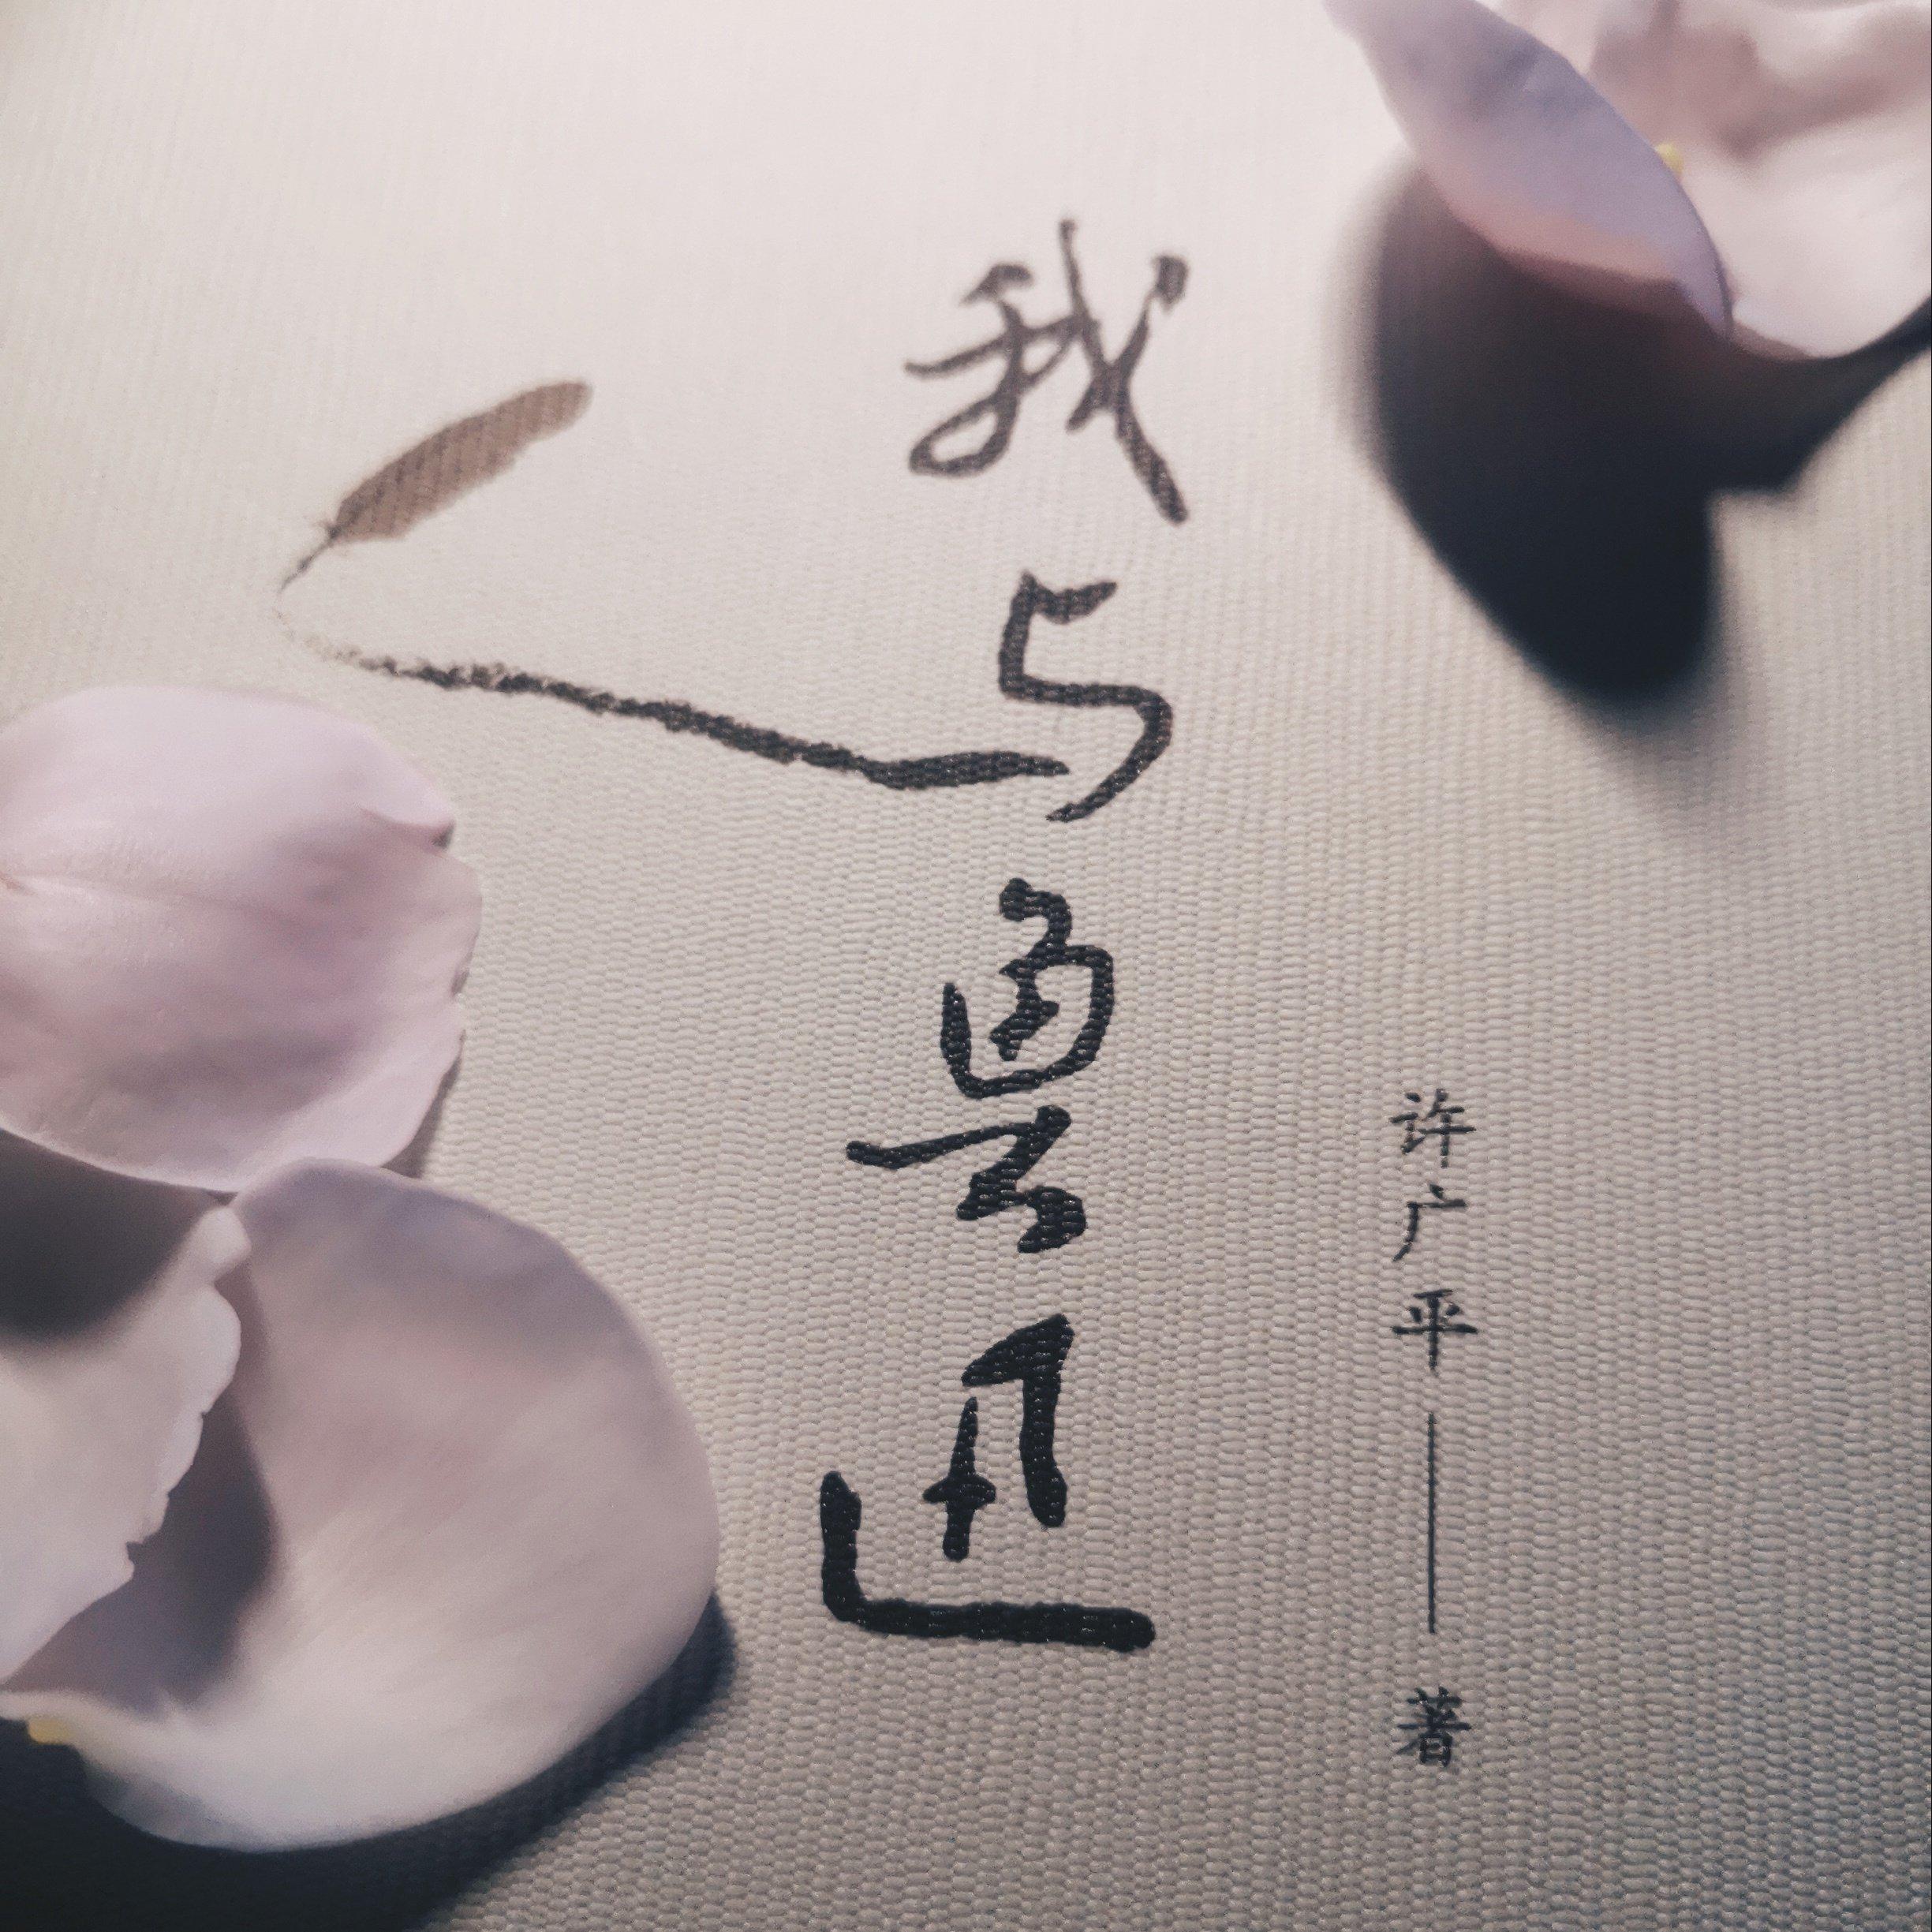 许广平 《我与鲁迅》